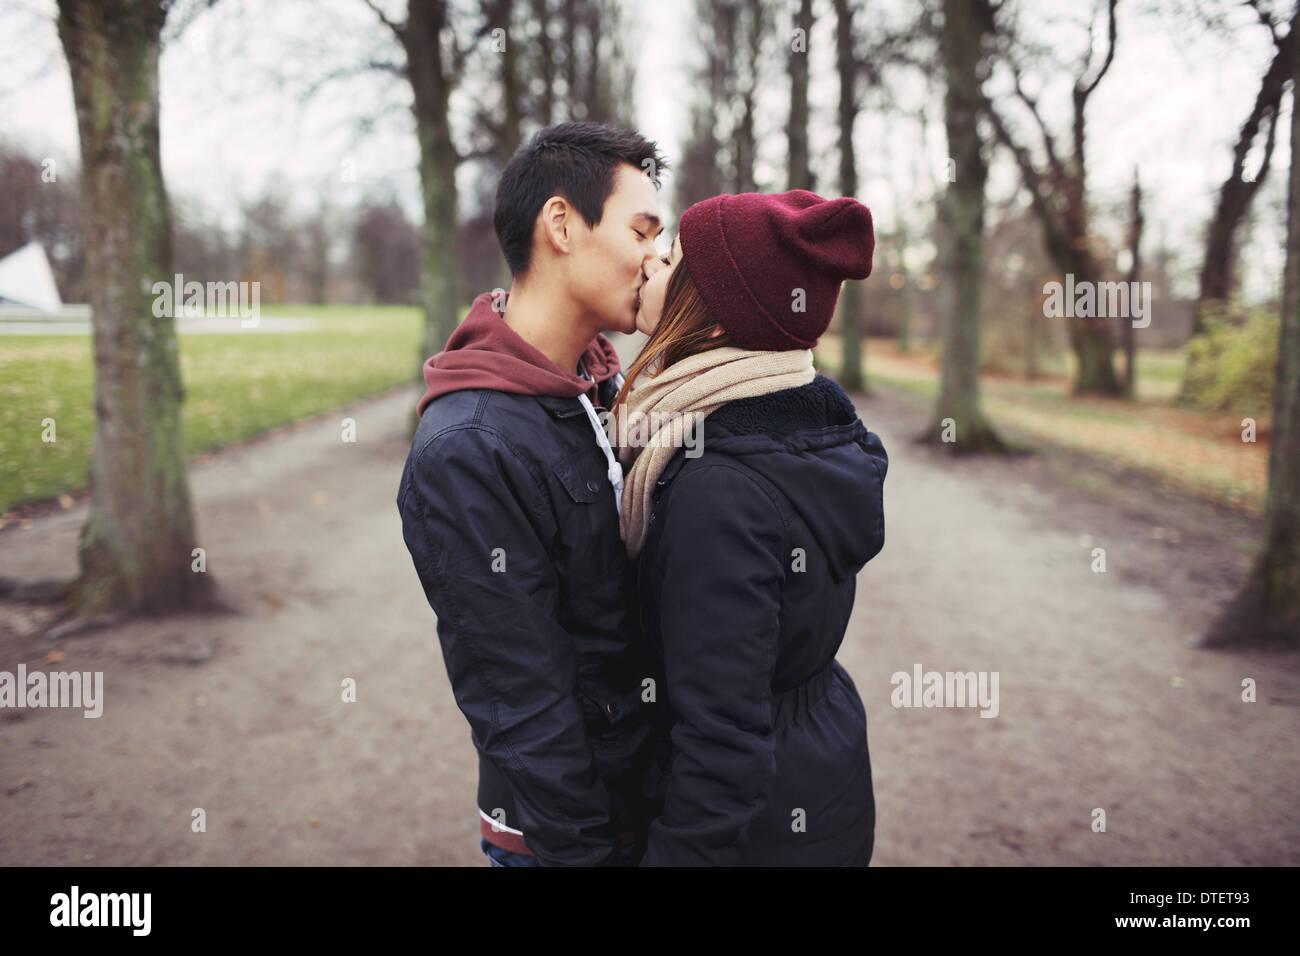 Amorevole coppia giovane kissing all'aperto nel parco. Razza mista l uomo e la donna. Amore adolescenziale. Immagini Stock